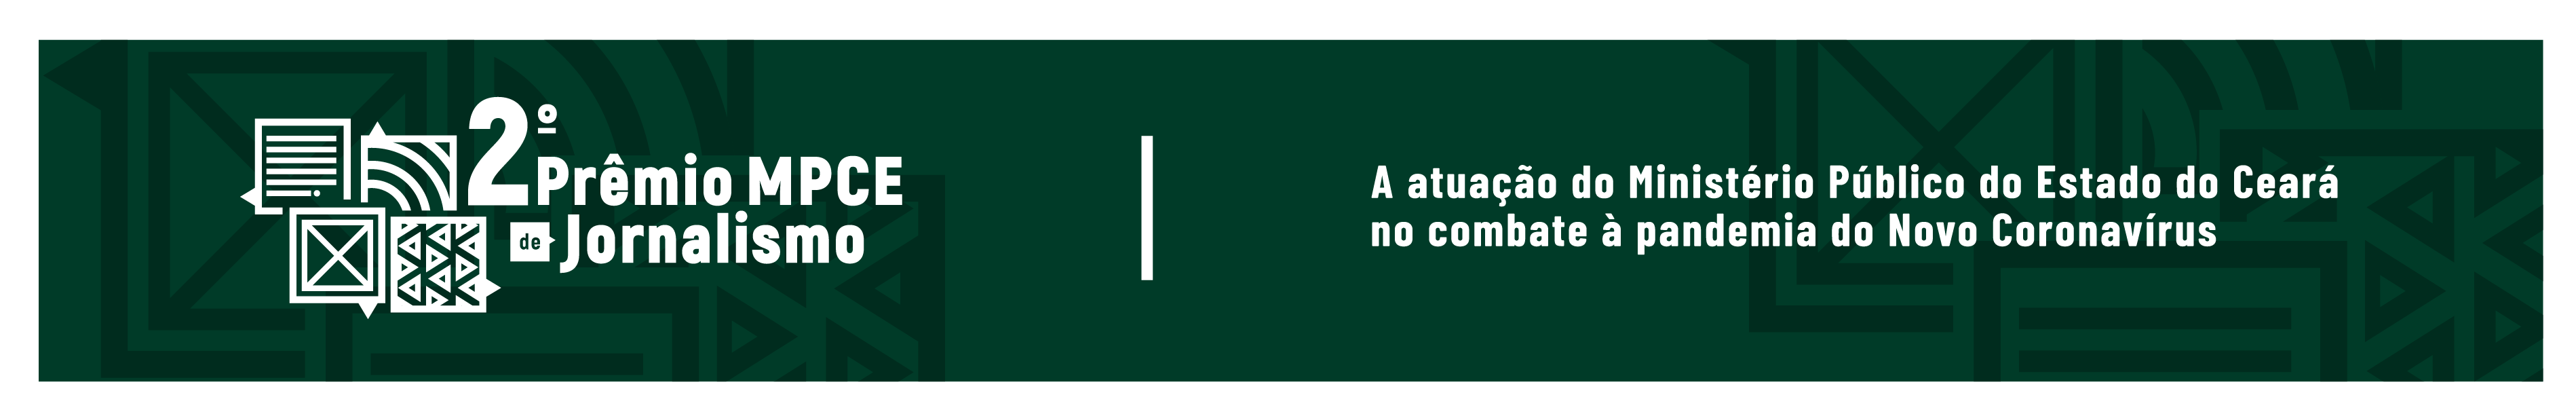 Prêmio de Jornalismo-topo site